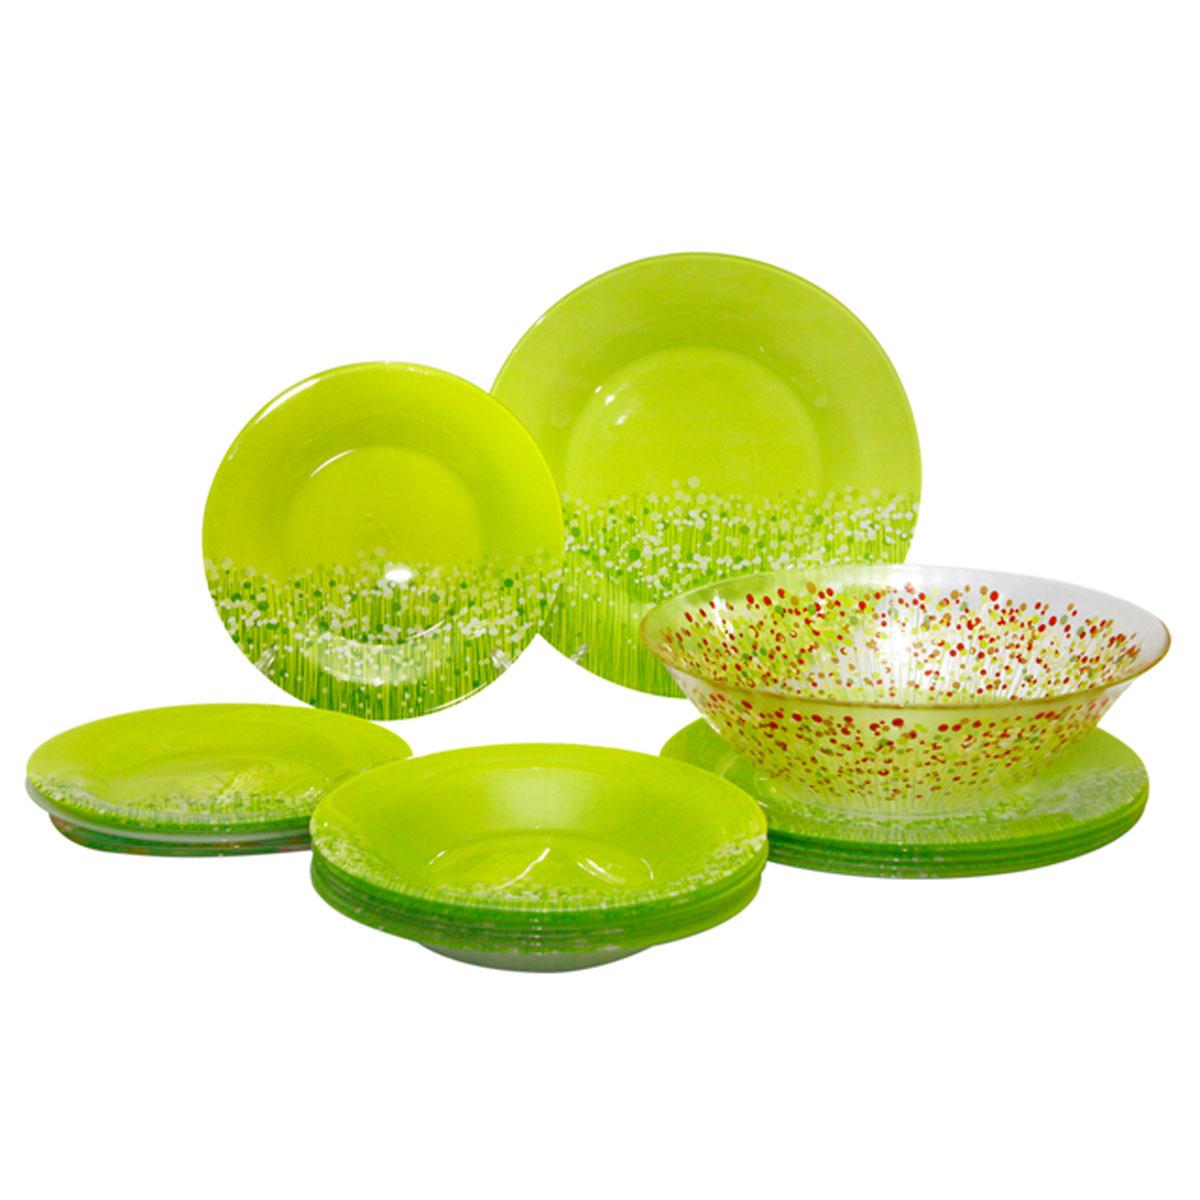 Набор столовой посуды Luminarc FlowerFields Anis, цвет: салатовый, красный, 19 предметовH2499Набор Luminarc FlowerFields Anis состоит из 6 суповых тарелок, 6 обеденных тарелок, 6 десертных тарелок и глубокого салатника. Изделия выполнены из ударопрочного стекла, имеют яркий дизайн с рисунком по краю и классическую круглую форму. Посуда отличается прочностью, гигиеничностью и долгим сроком службы, она устойчива к появлению царапин и резким перепадам температур. Такой набор прекрасно подойдет как для повседневного использования, так и для праздников или особенных случаев. Набор столовой посуды Luminarc FlowerFields Anis - это не только яркий и полезный подарок для родных и близких, а также великолепное дизайнерское решение для вашей кухни или столовой. Можно мыть в посудомоечной машине и использовать в микроволновой печи. Диаметр суповой тарелки: 21,5 см. Высота суповой тарелки: 3 см.Диаметр обеденной тарелки: 25 см. Высота обеденной тарелки: 1,5 см. Диаметр десертной тарелки: 19,5 см. Высота десертной тарелки: 1,8 см. Диаметр салатника: 27 см. Высота стенки салатника: 8,5 см.